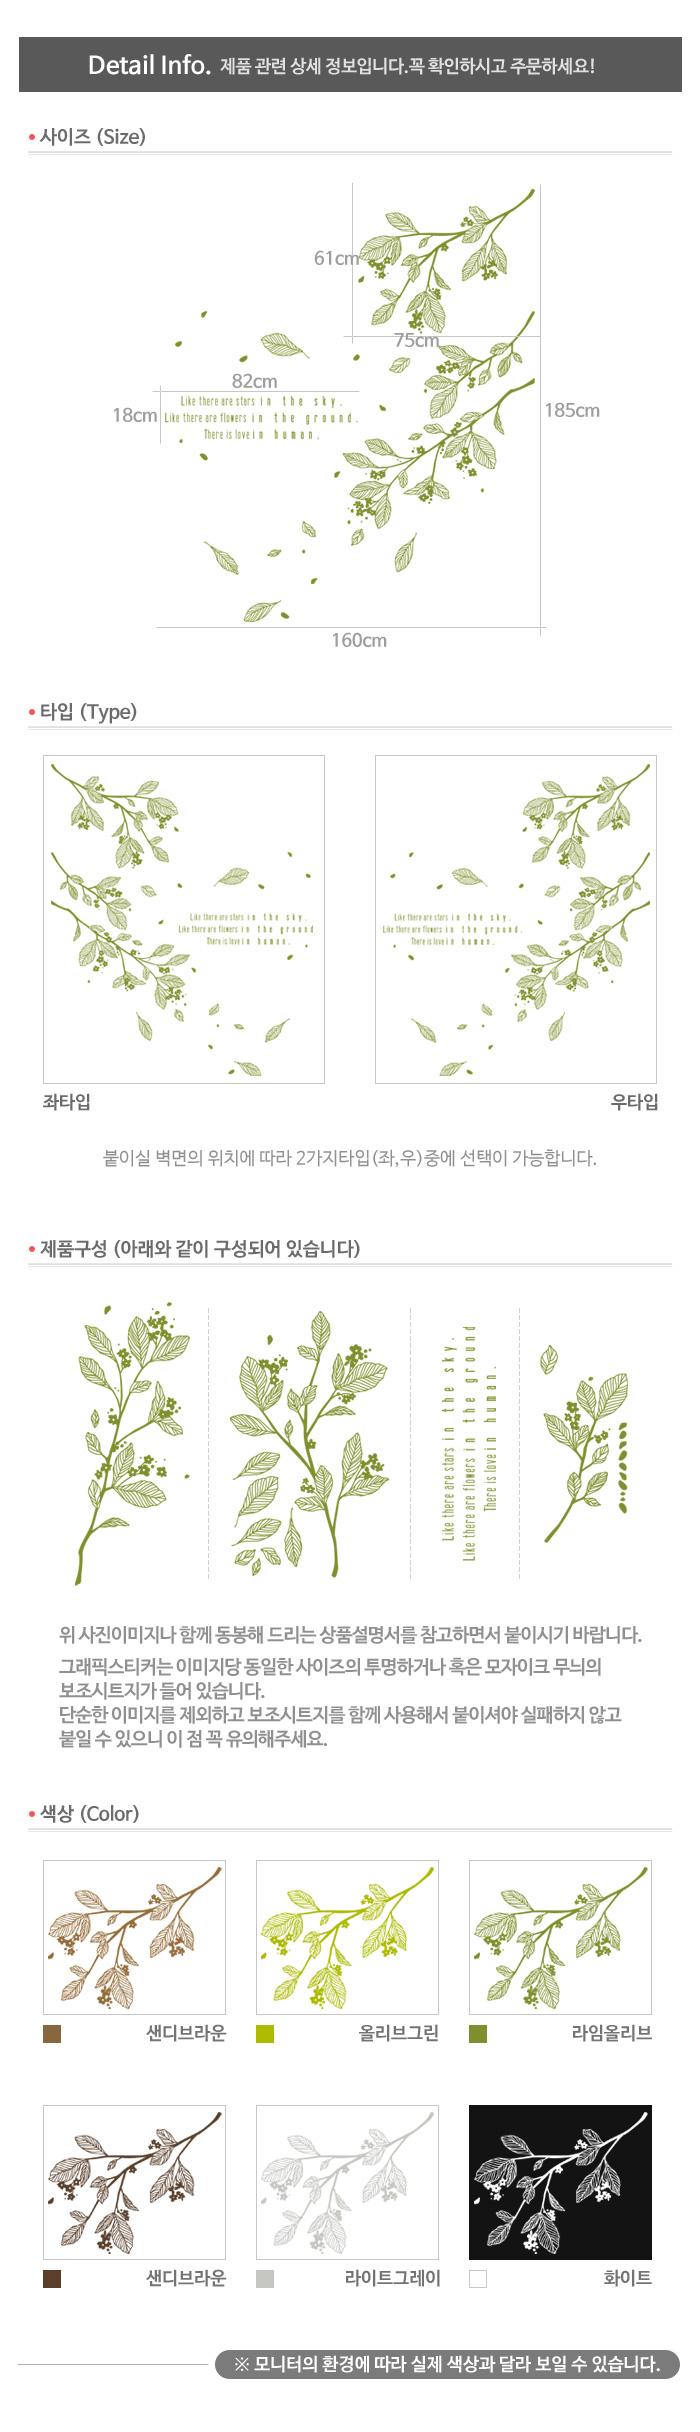 봄이오는소리 - 디자인엠, 49,000원, 월데코스티커, 나무/나뭇가지